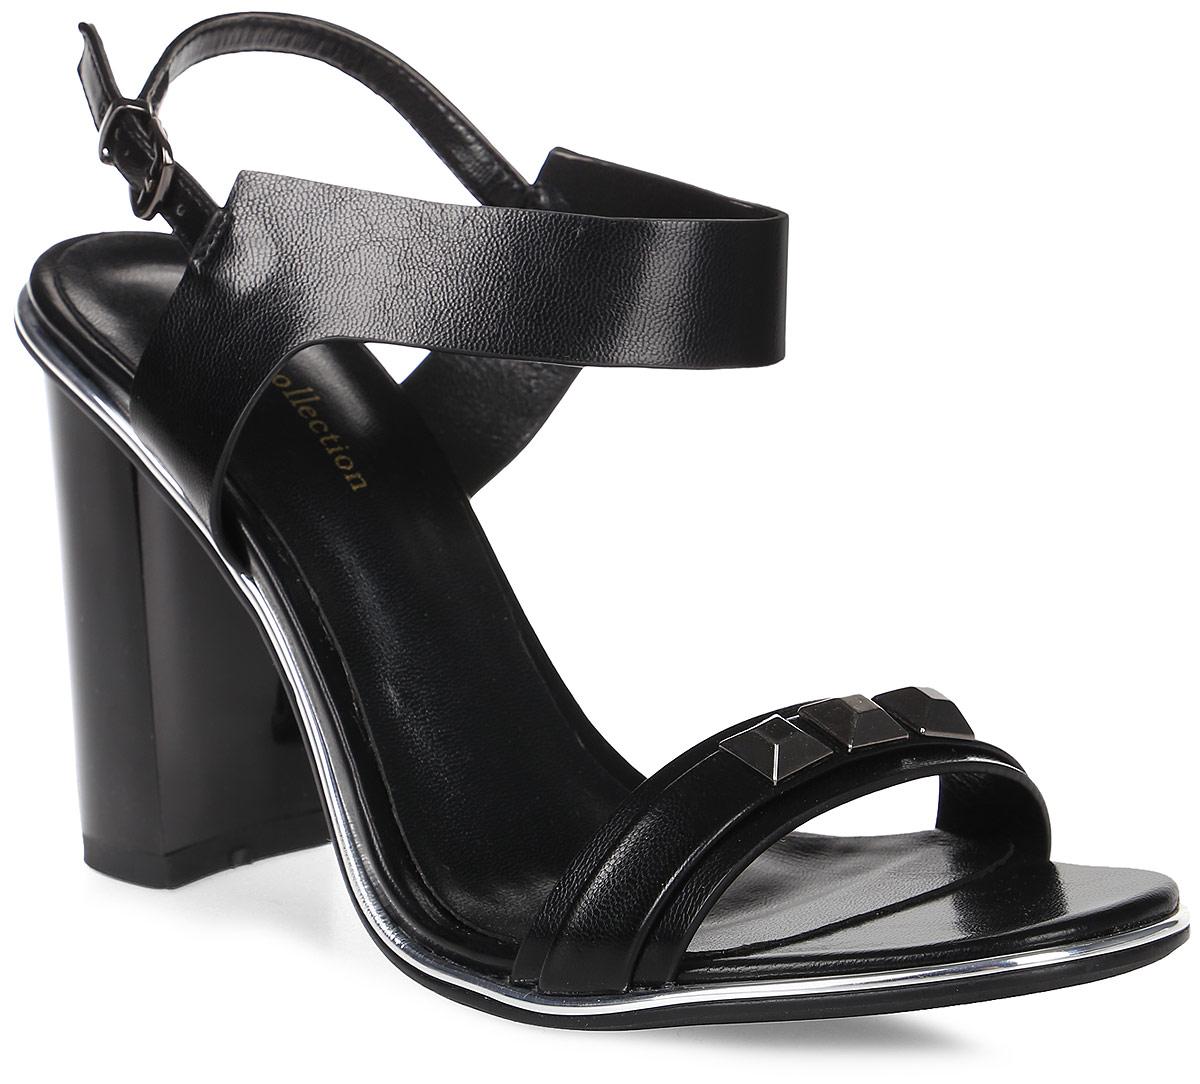 Босоножки женские LK collection, цвет: черный. SP-FA1201-1 PU КОЖА (SP-F08001-3). Размер 40SP-FA1201-1 PU КОЖА (SP-F08001-3)Стильные босоножки на устойчивом каблуке выполнены из искусственной кожи. Стелька выполнена из натуральной кожи. Босоножки фиксируются на ноге при помощи застежки-пряжки.